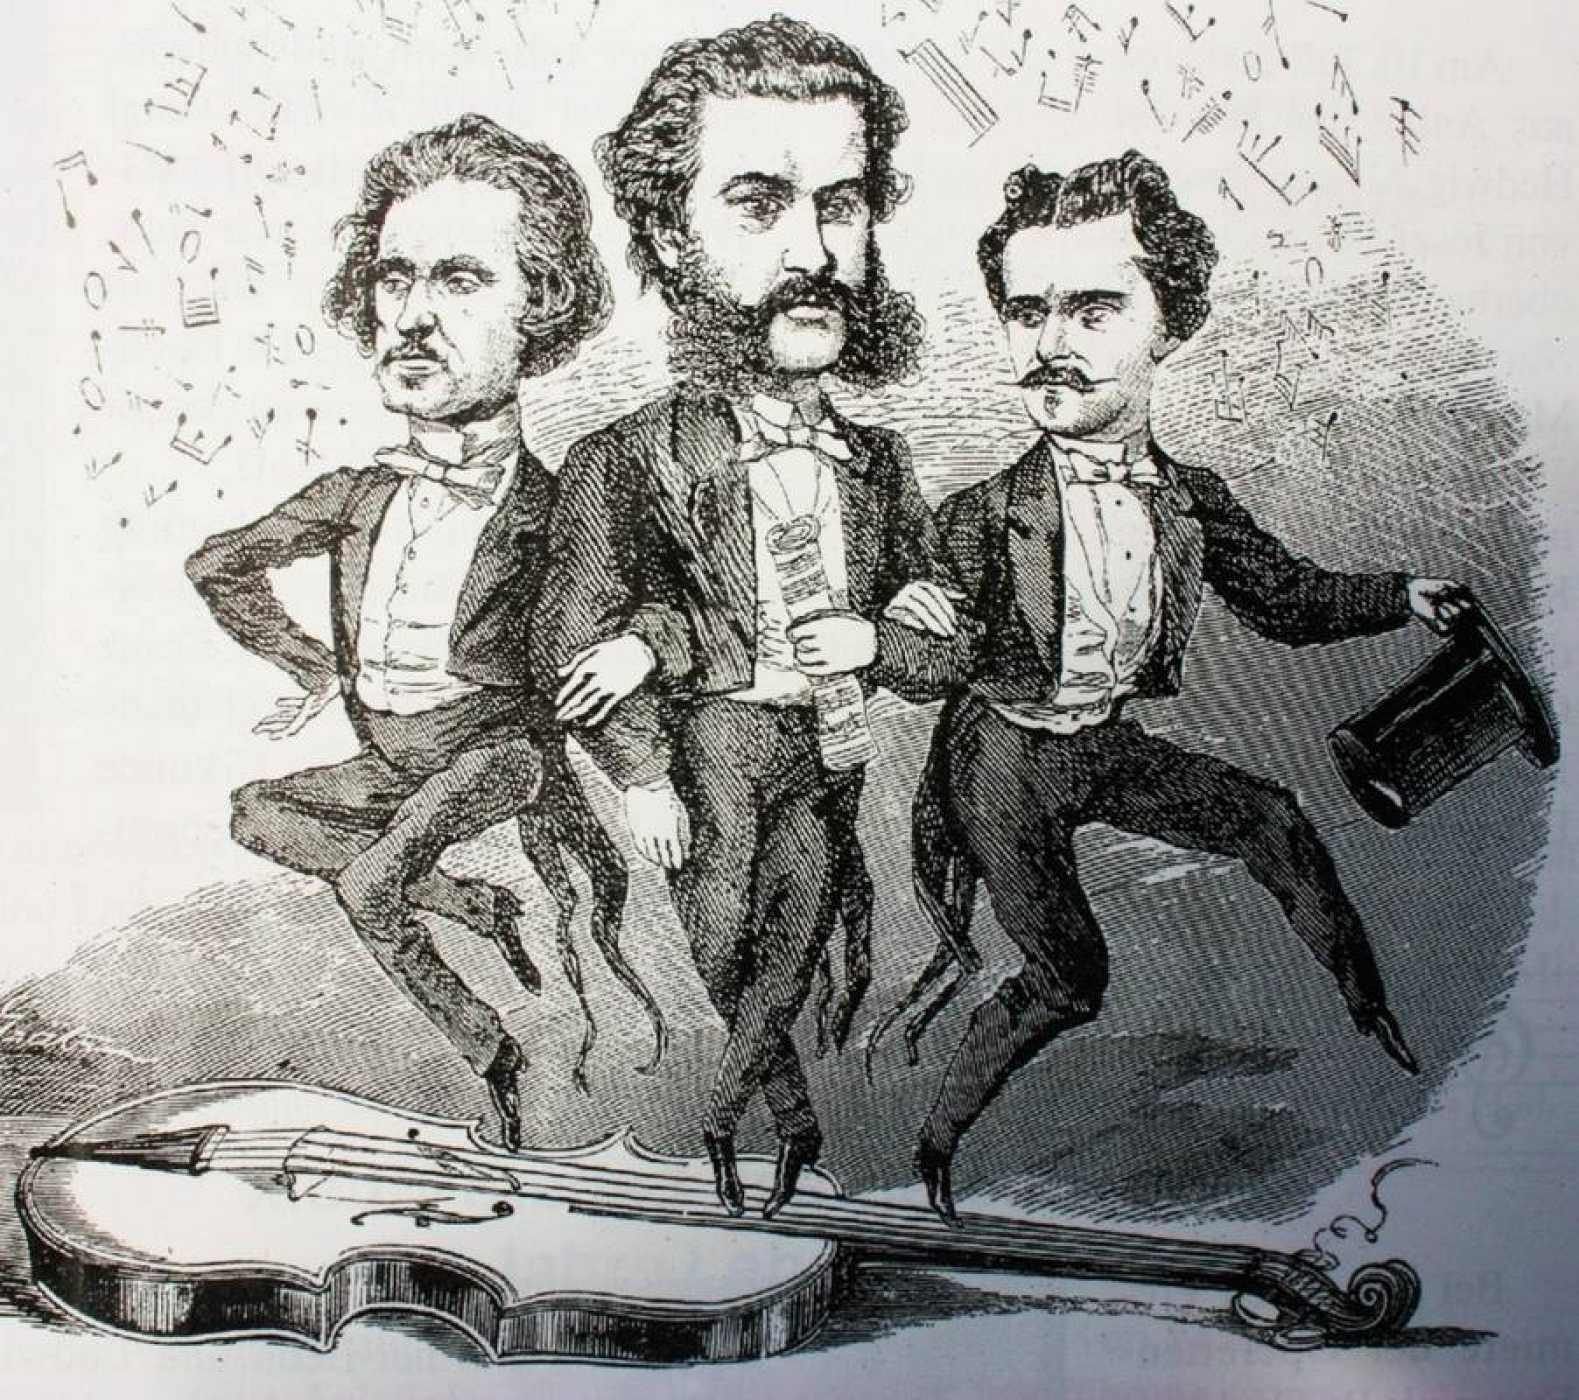 Johann, el patriarca de la dinastía Strauss, junto a dos de sus hijos, Josef y Eduard, en una caricatura de la época